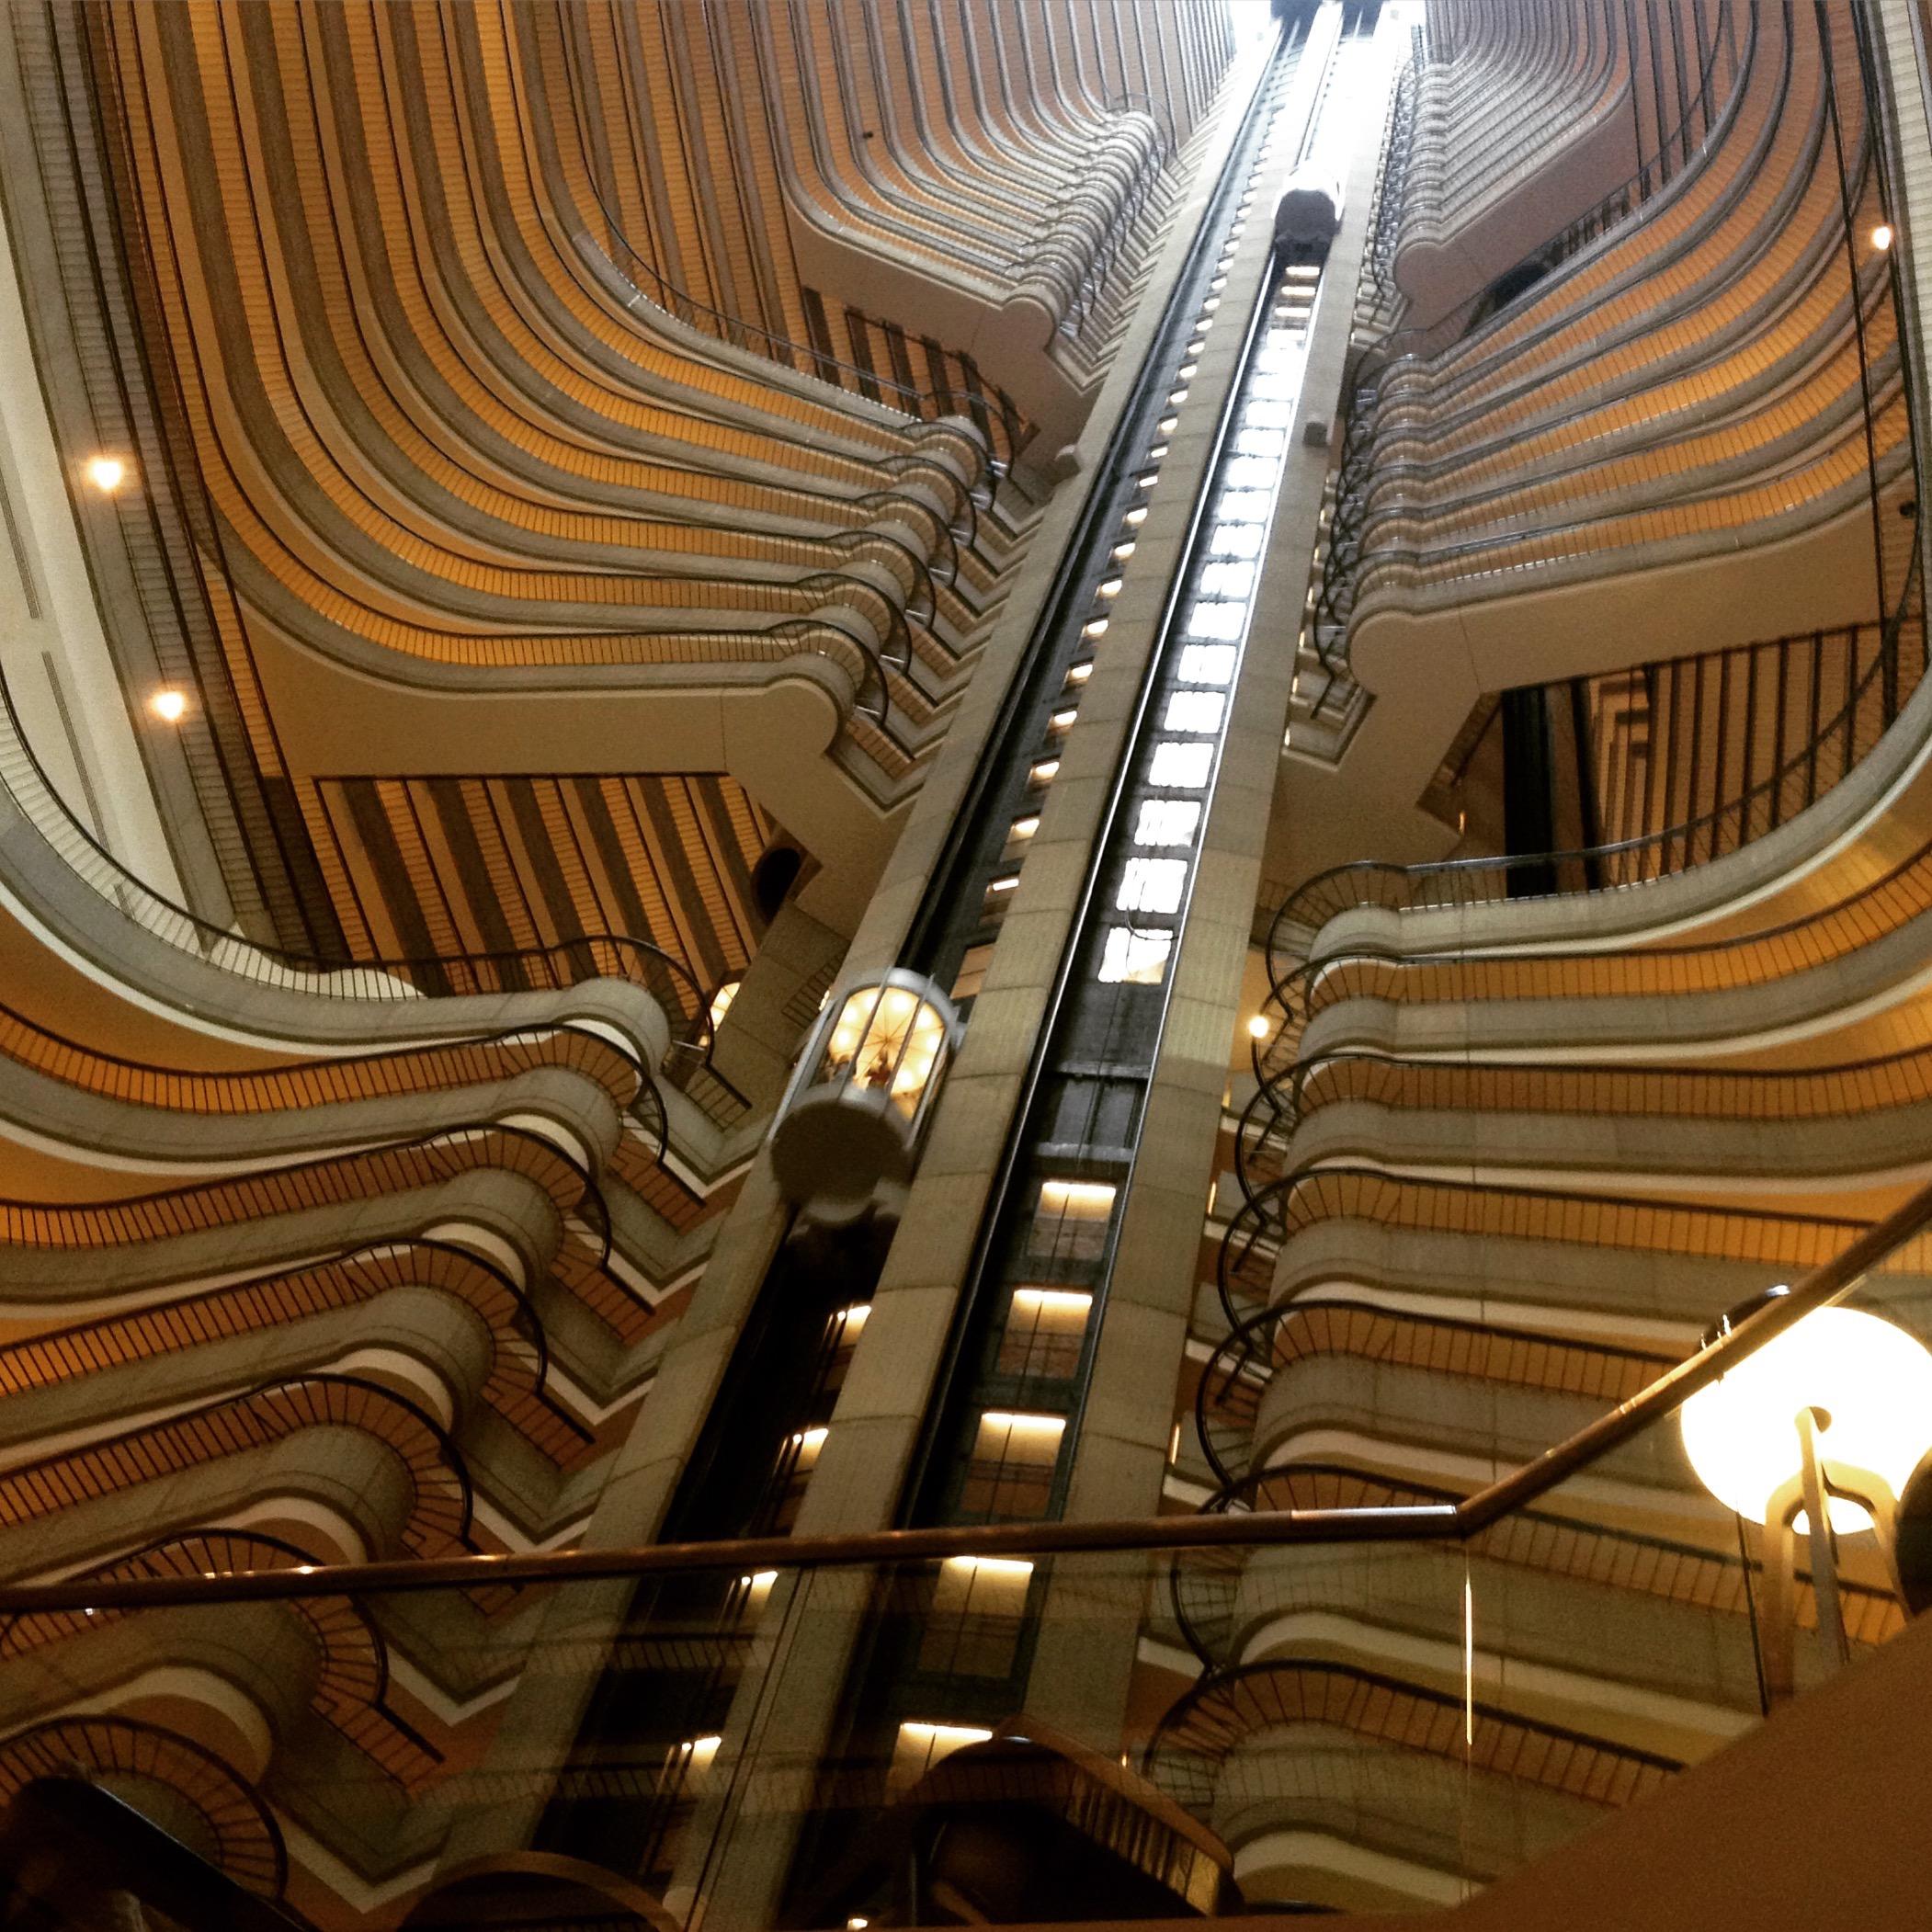 The Marriott hotel hobby in Atlanta